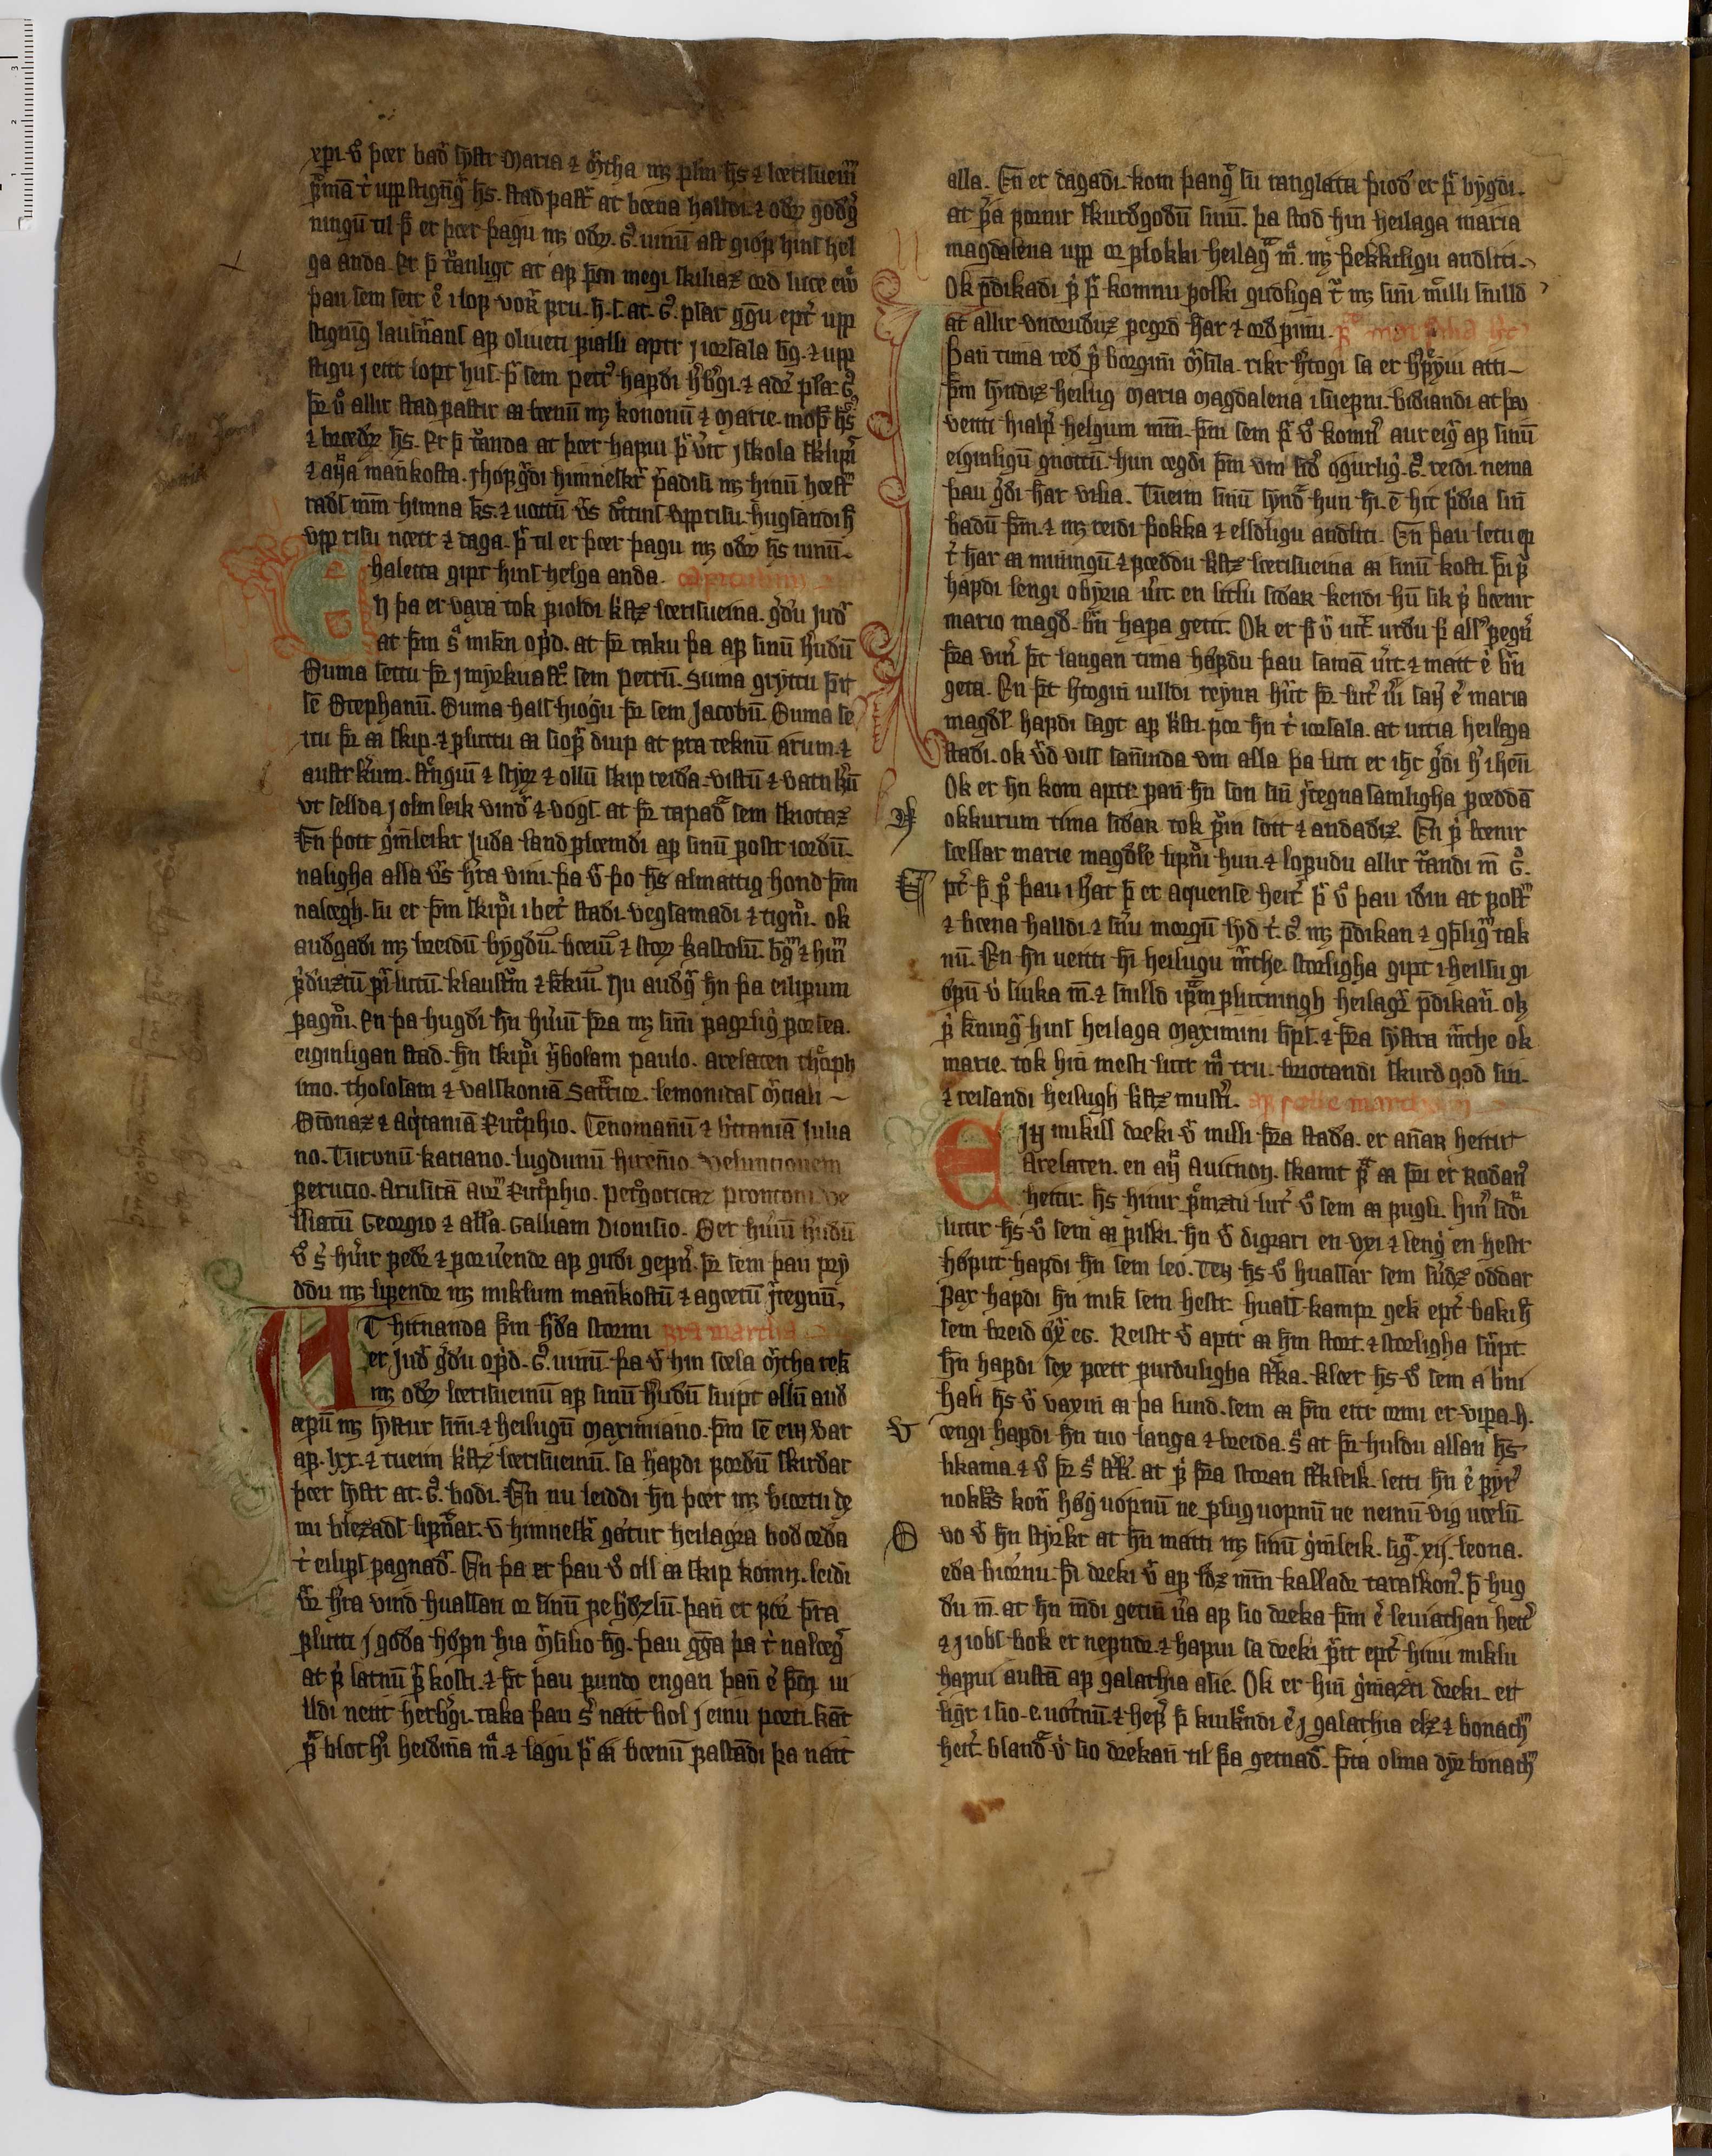 AM 233 a fol - 22v